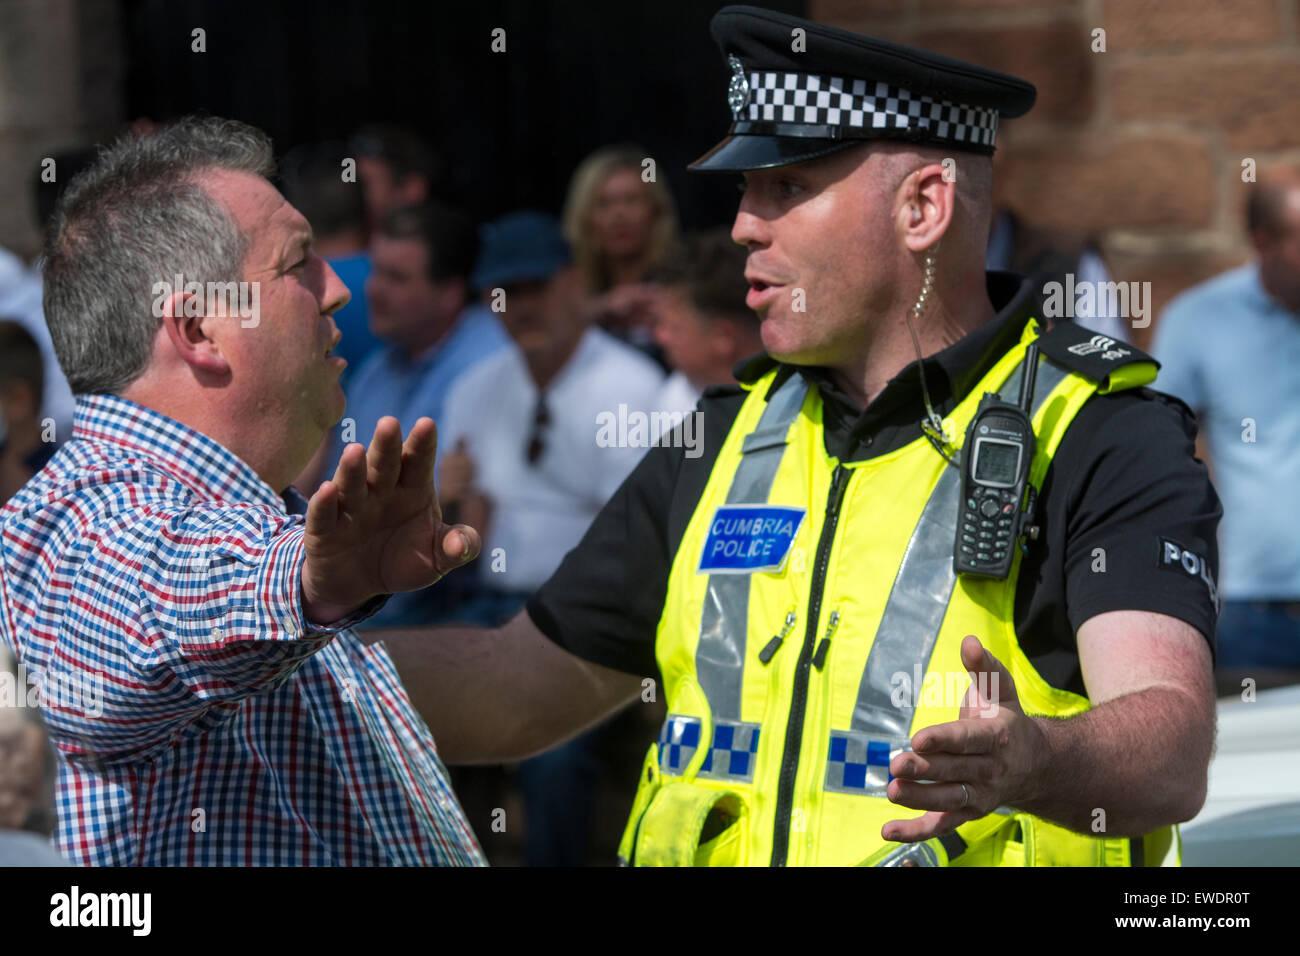 Hombre de policía y propietario de caballos tras una discusión sobre el lugar donde los caballos pueden Imagen De Stock